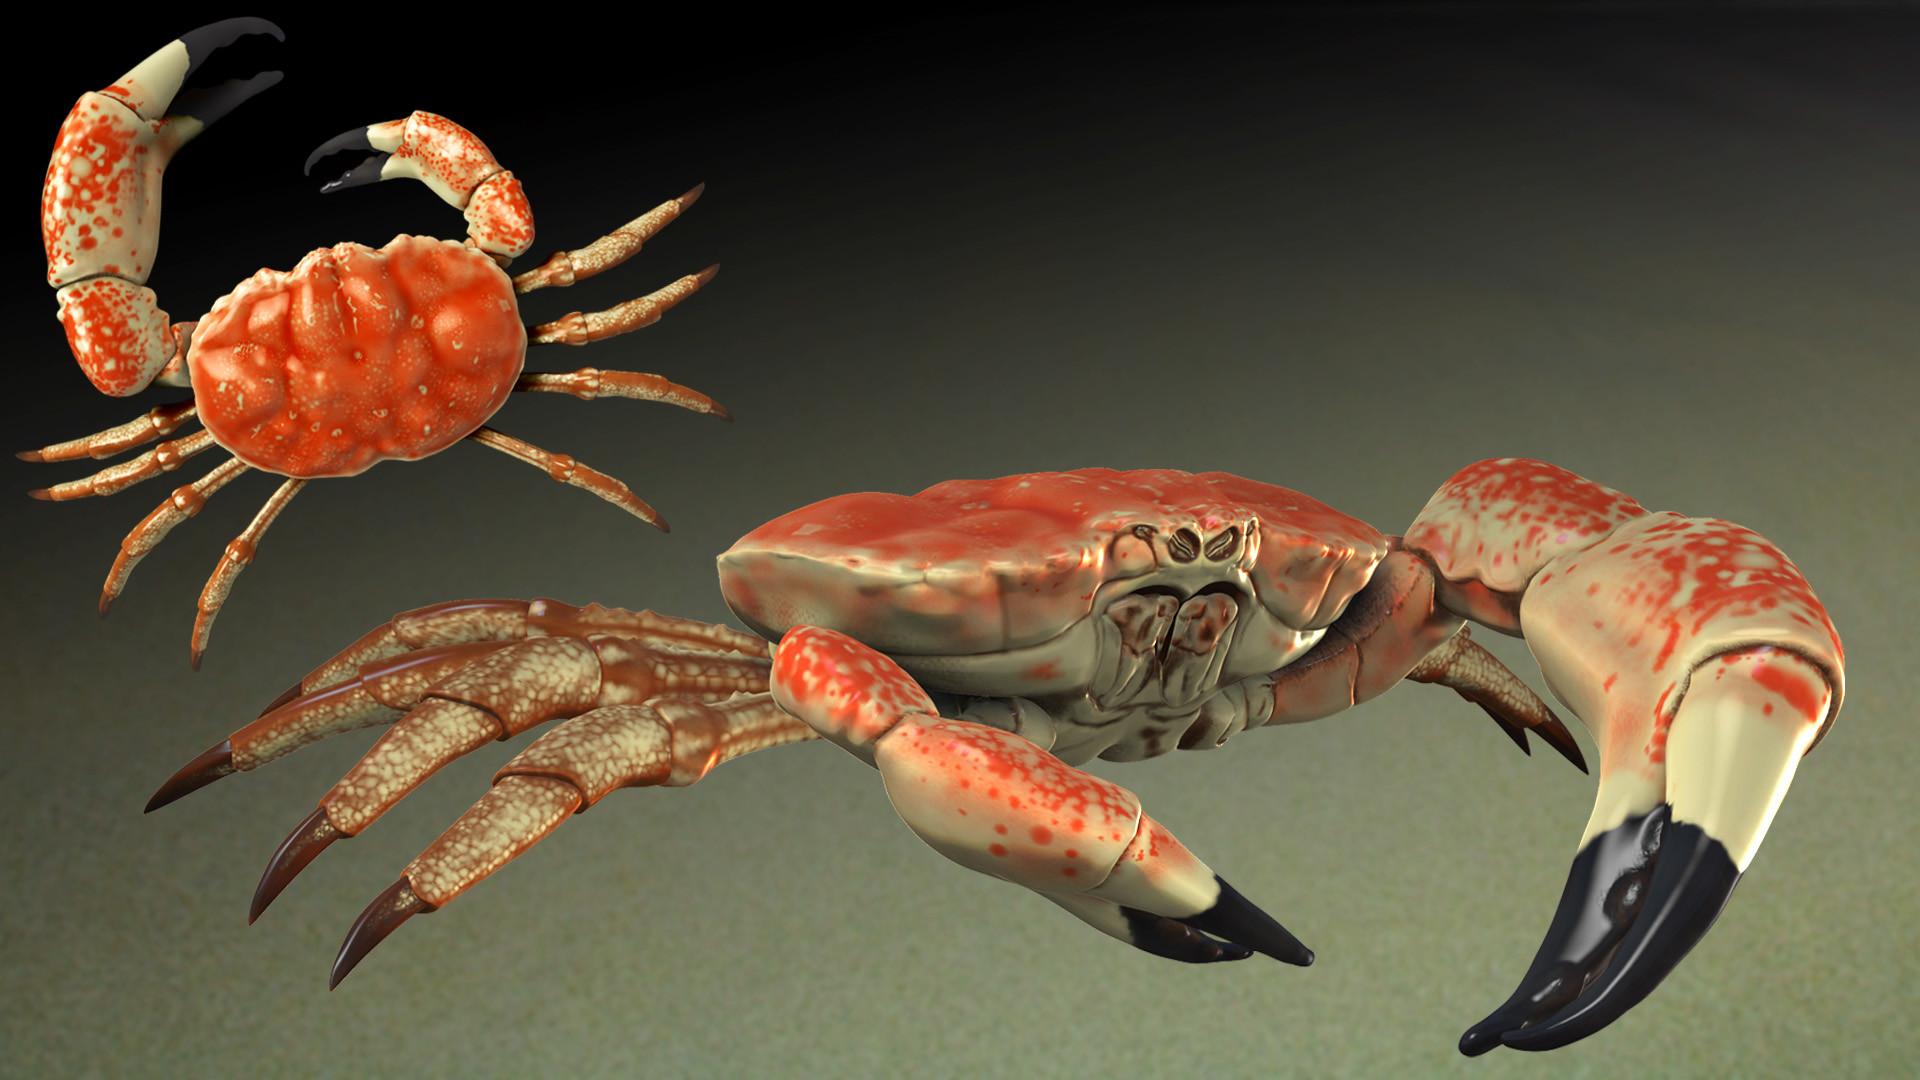 Jeff Rossavik - Tasmanian King Crab